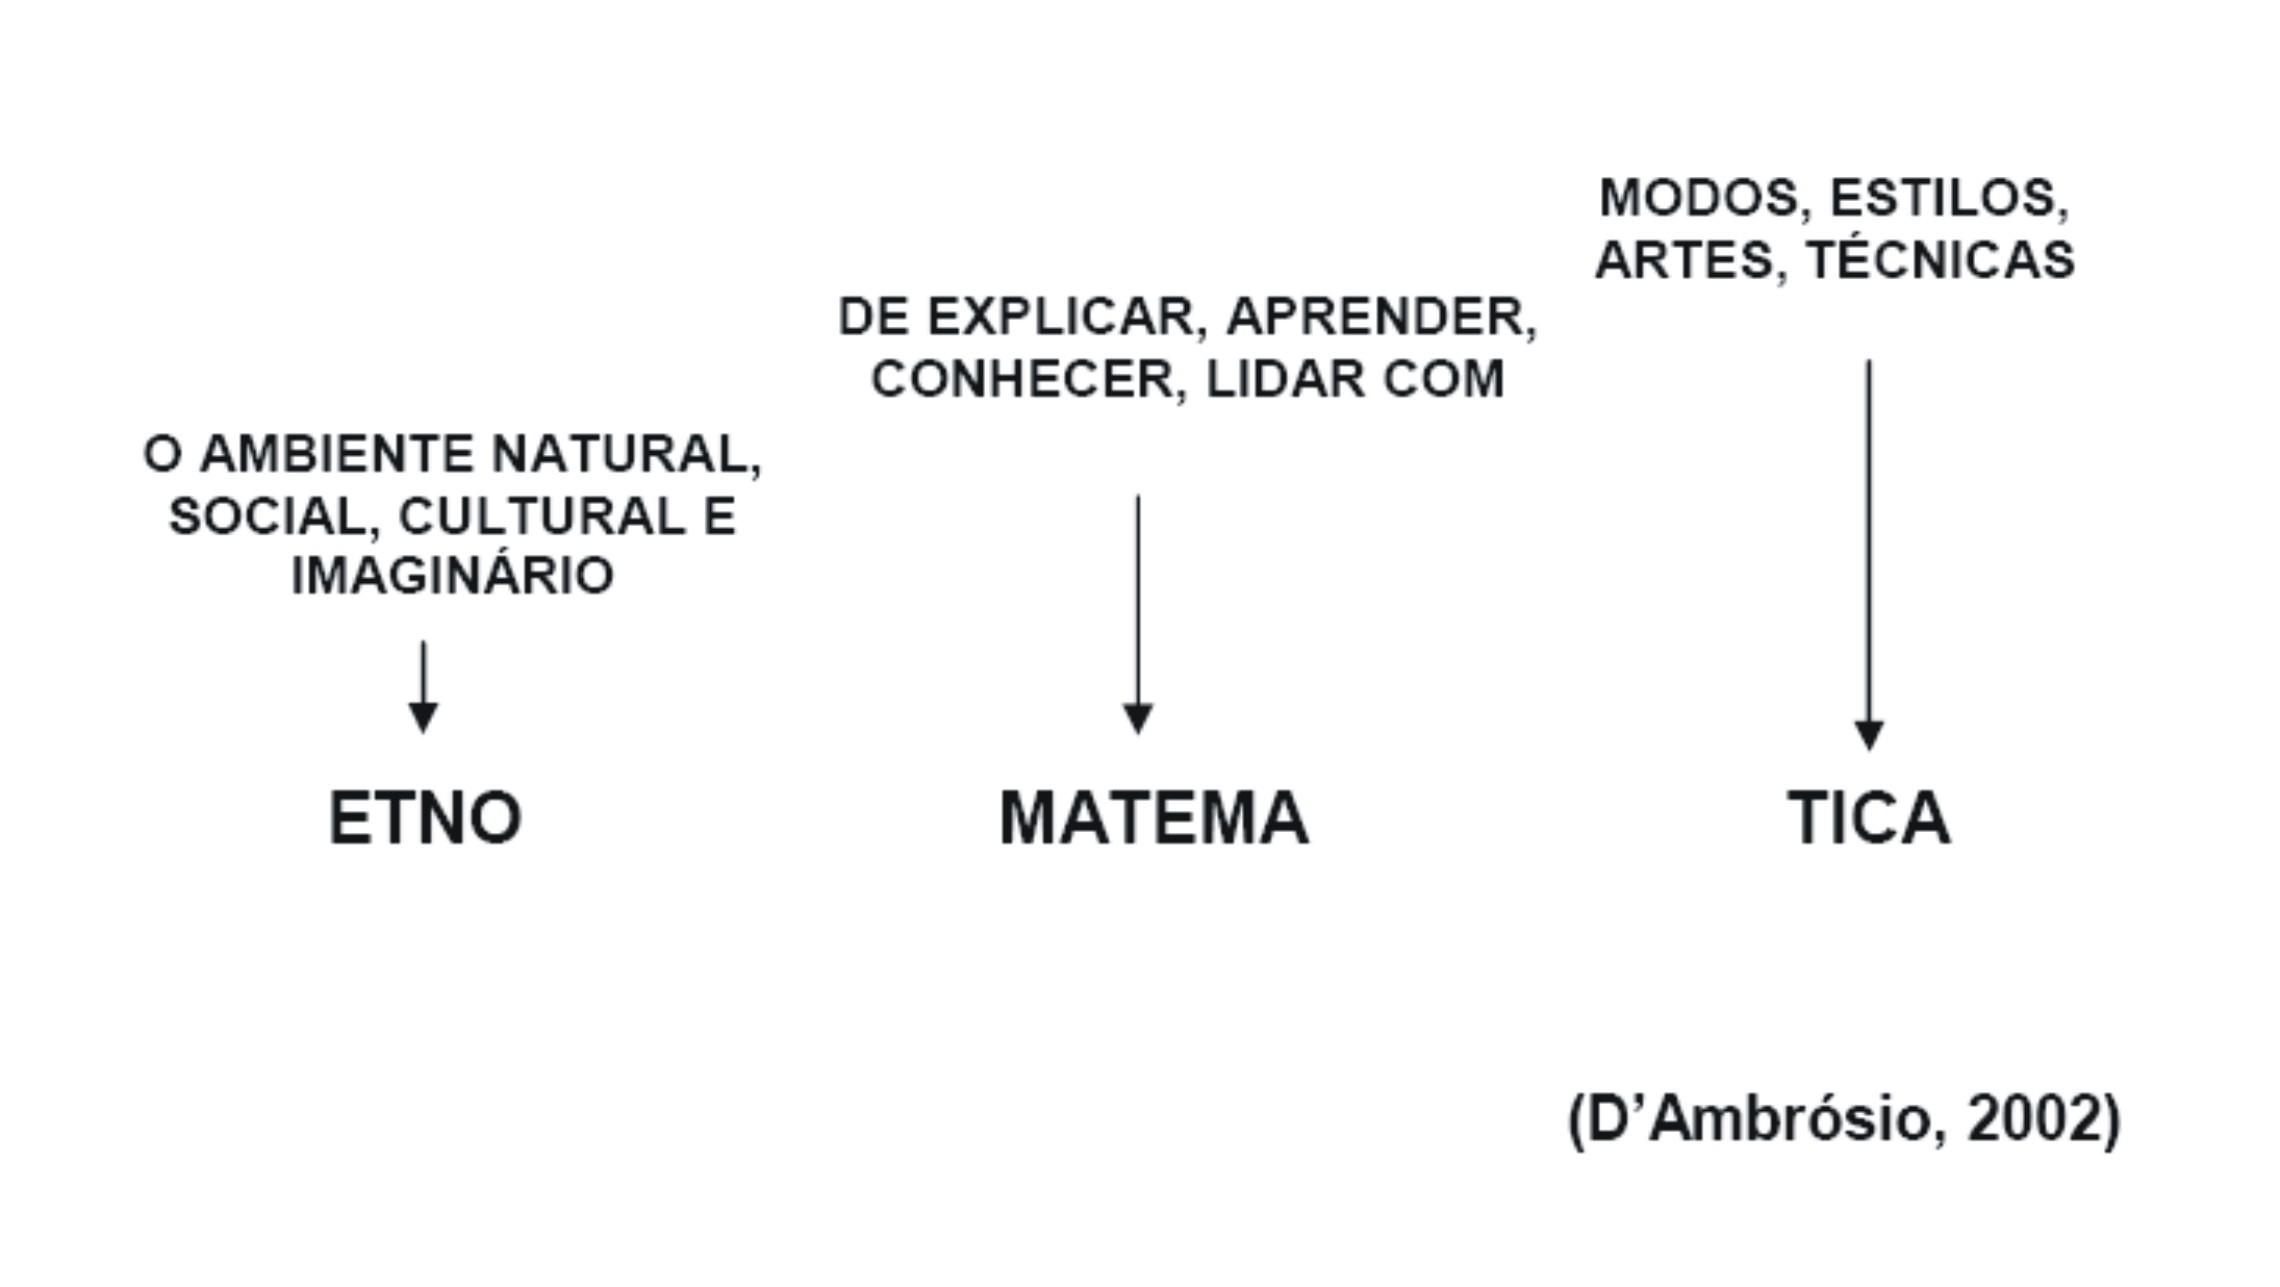 image Programa brasileiro de inclusao digital 1a